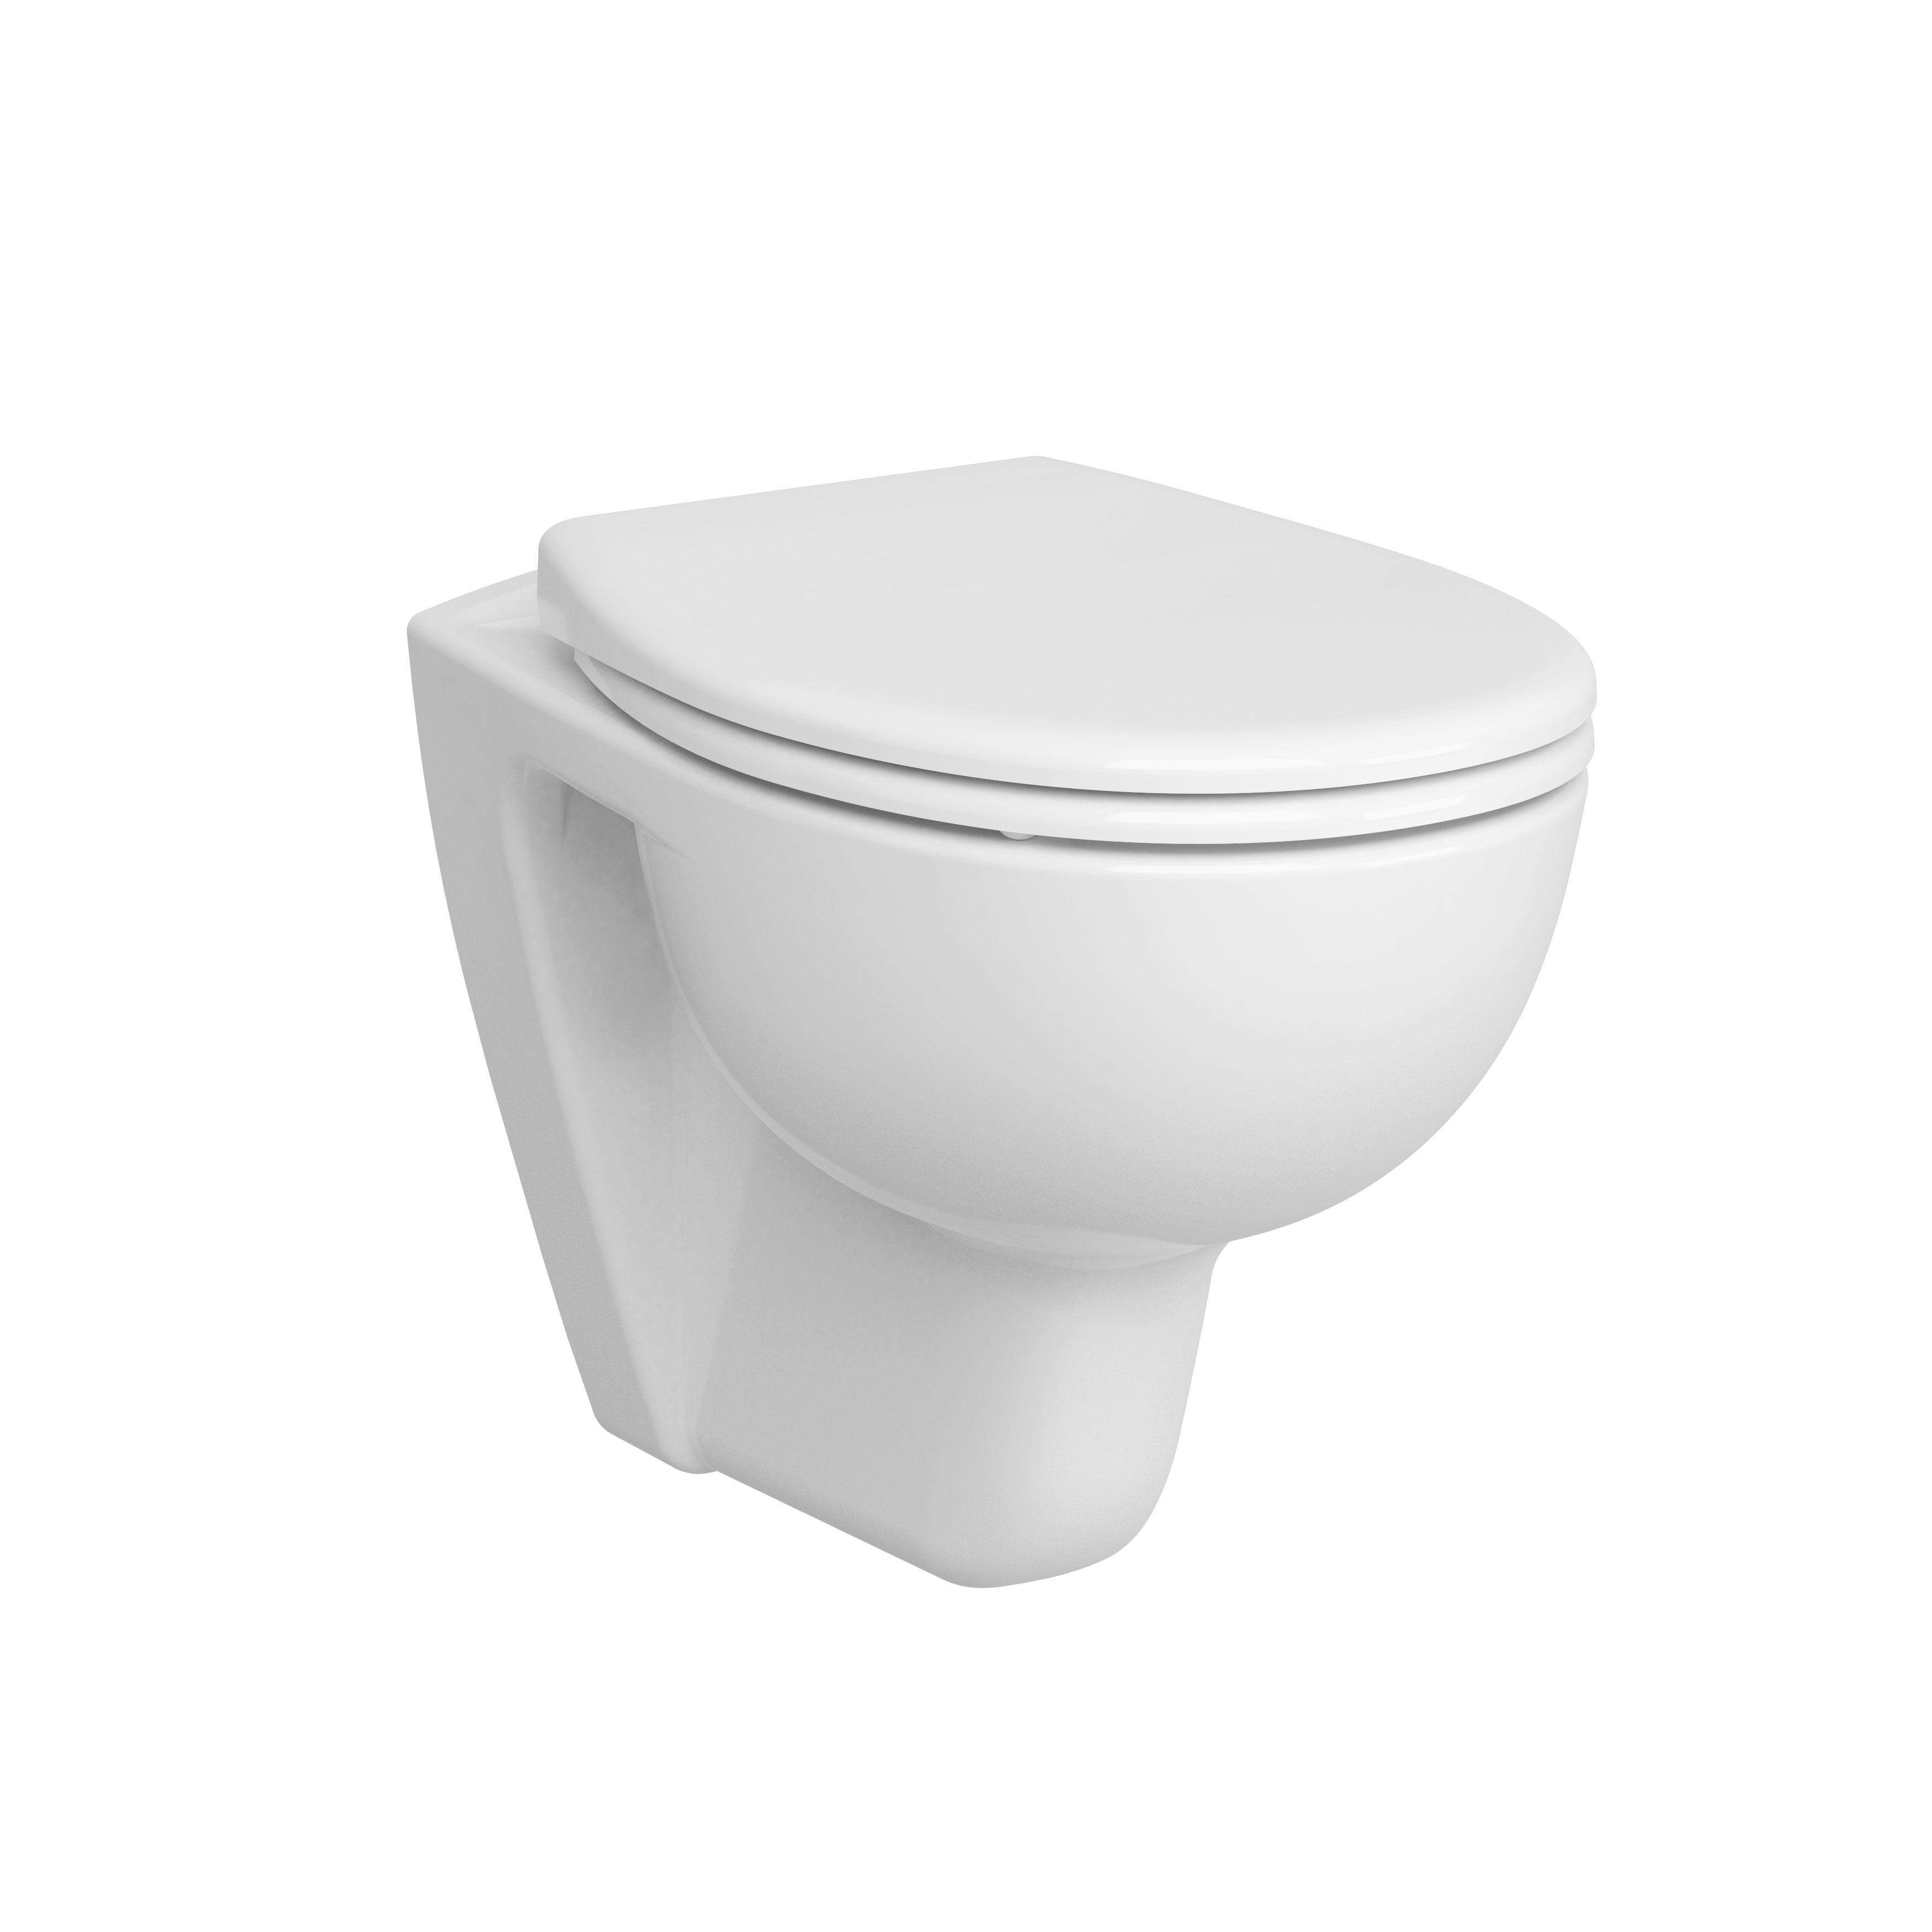 Conforma WC suspendu PMR sans bride, avec trou d'abattant